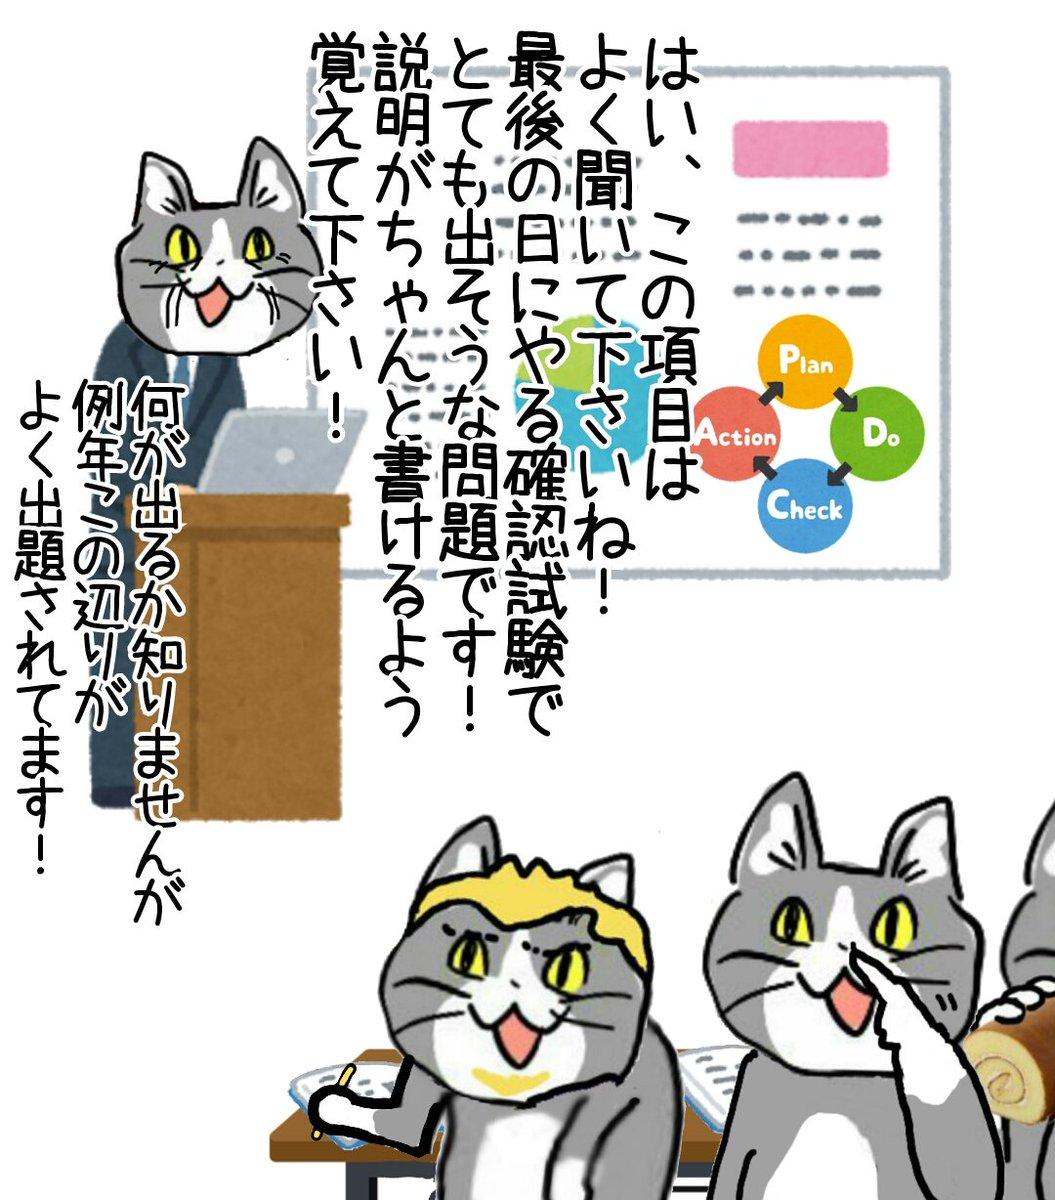 現場系の講習会でよくあるやつ #現場猫